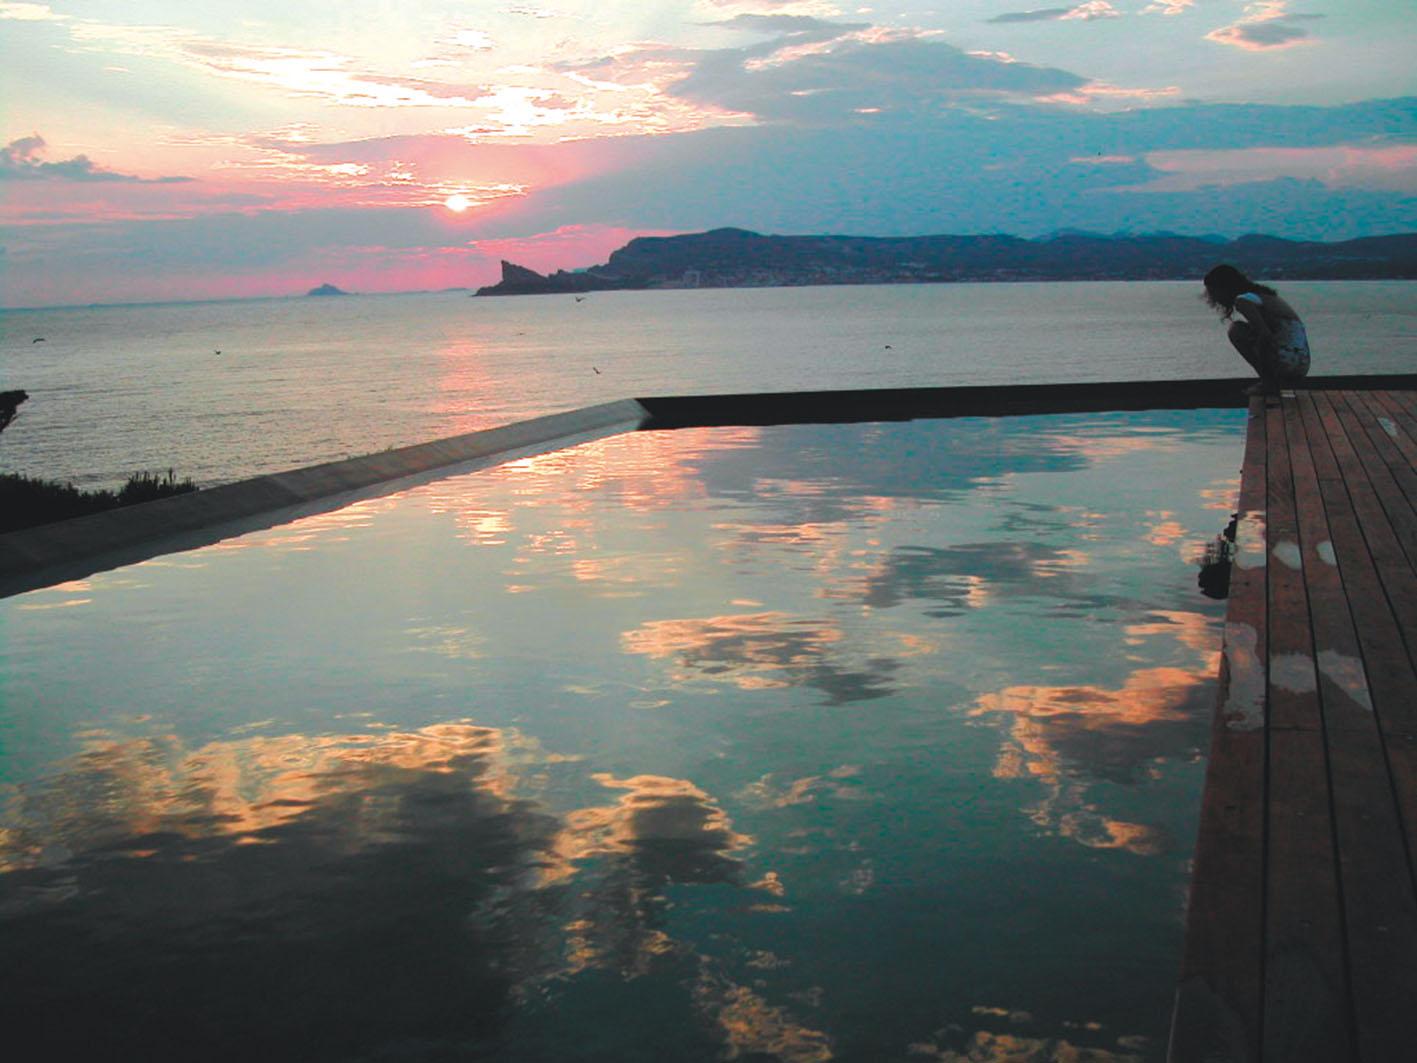 Maison piscine port d 39 alon st cyr sur mer moa julien - Agence du vieux port saint cyr sur mer ...